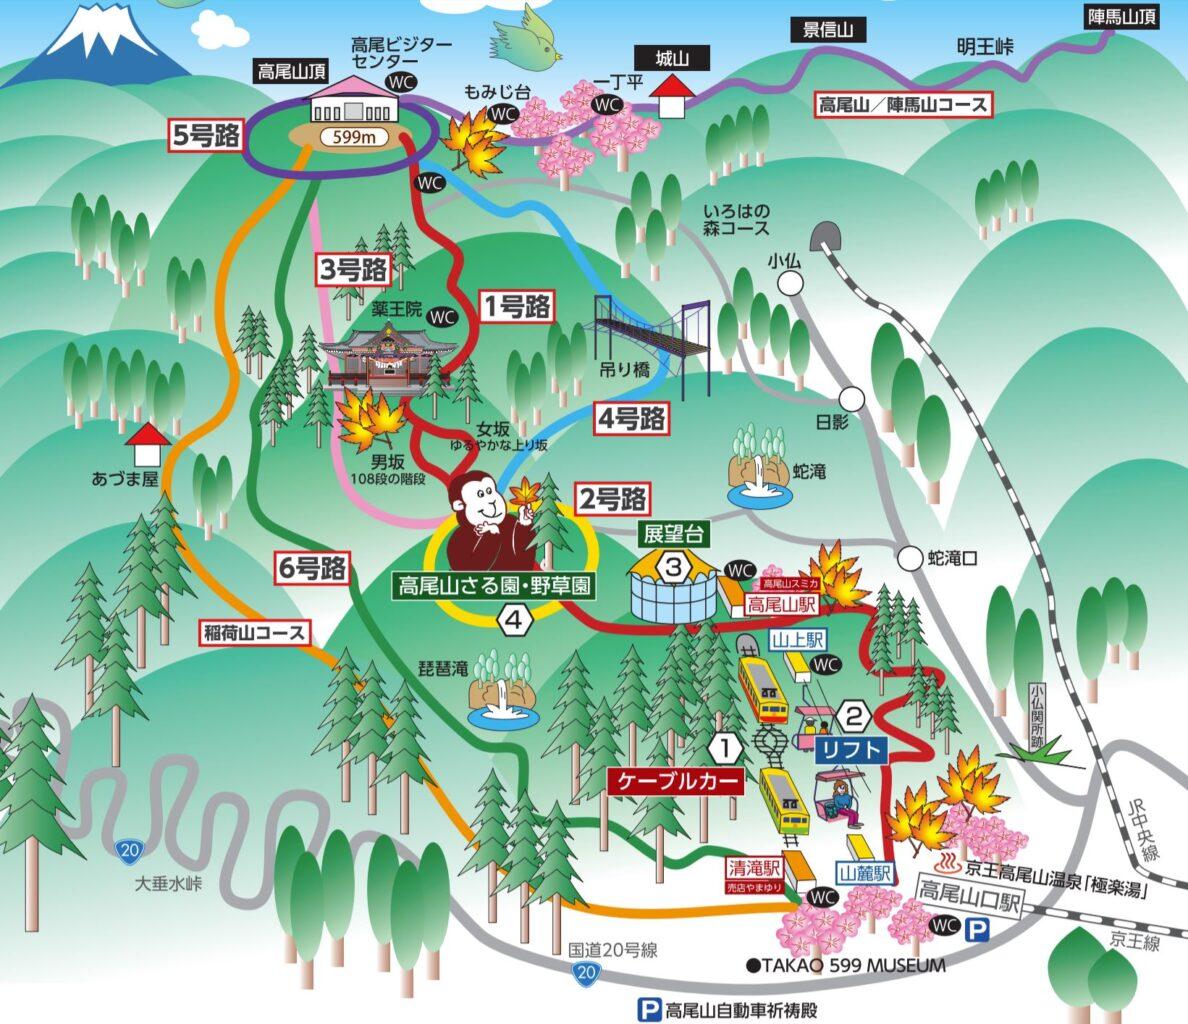 登山初心者から楽しめるおすすめの山−関東エリア15選【登山コース・難易度】